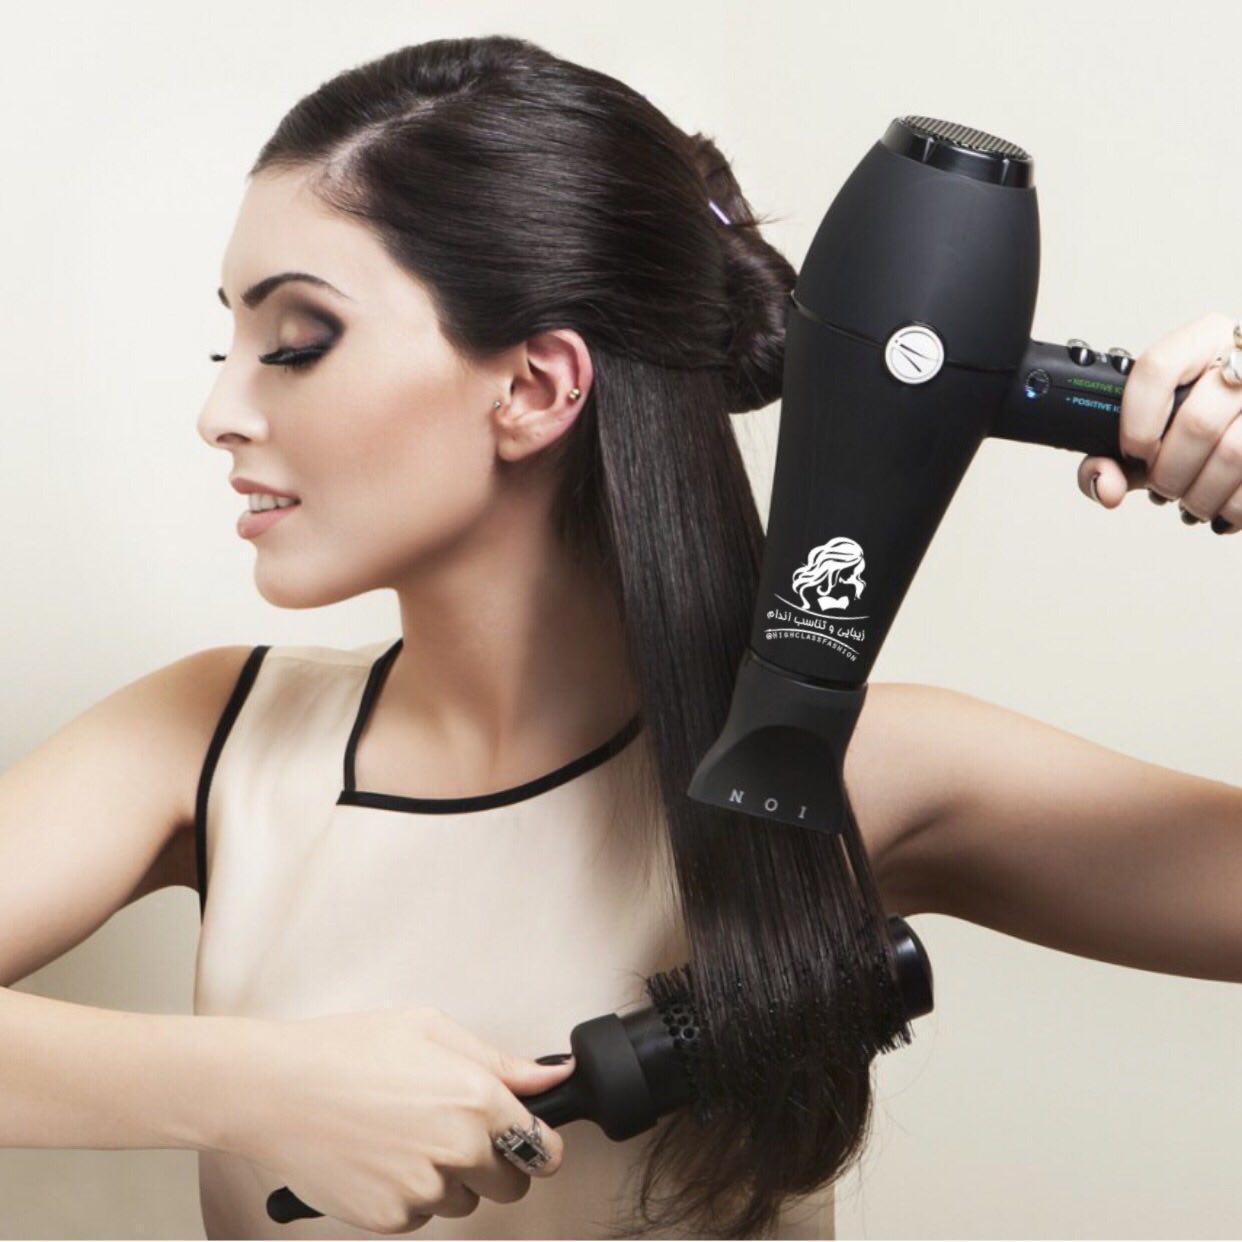 برای مهار وز مو، از سر سشوار مخصوص موی فر و وز استفاده کنید